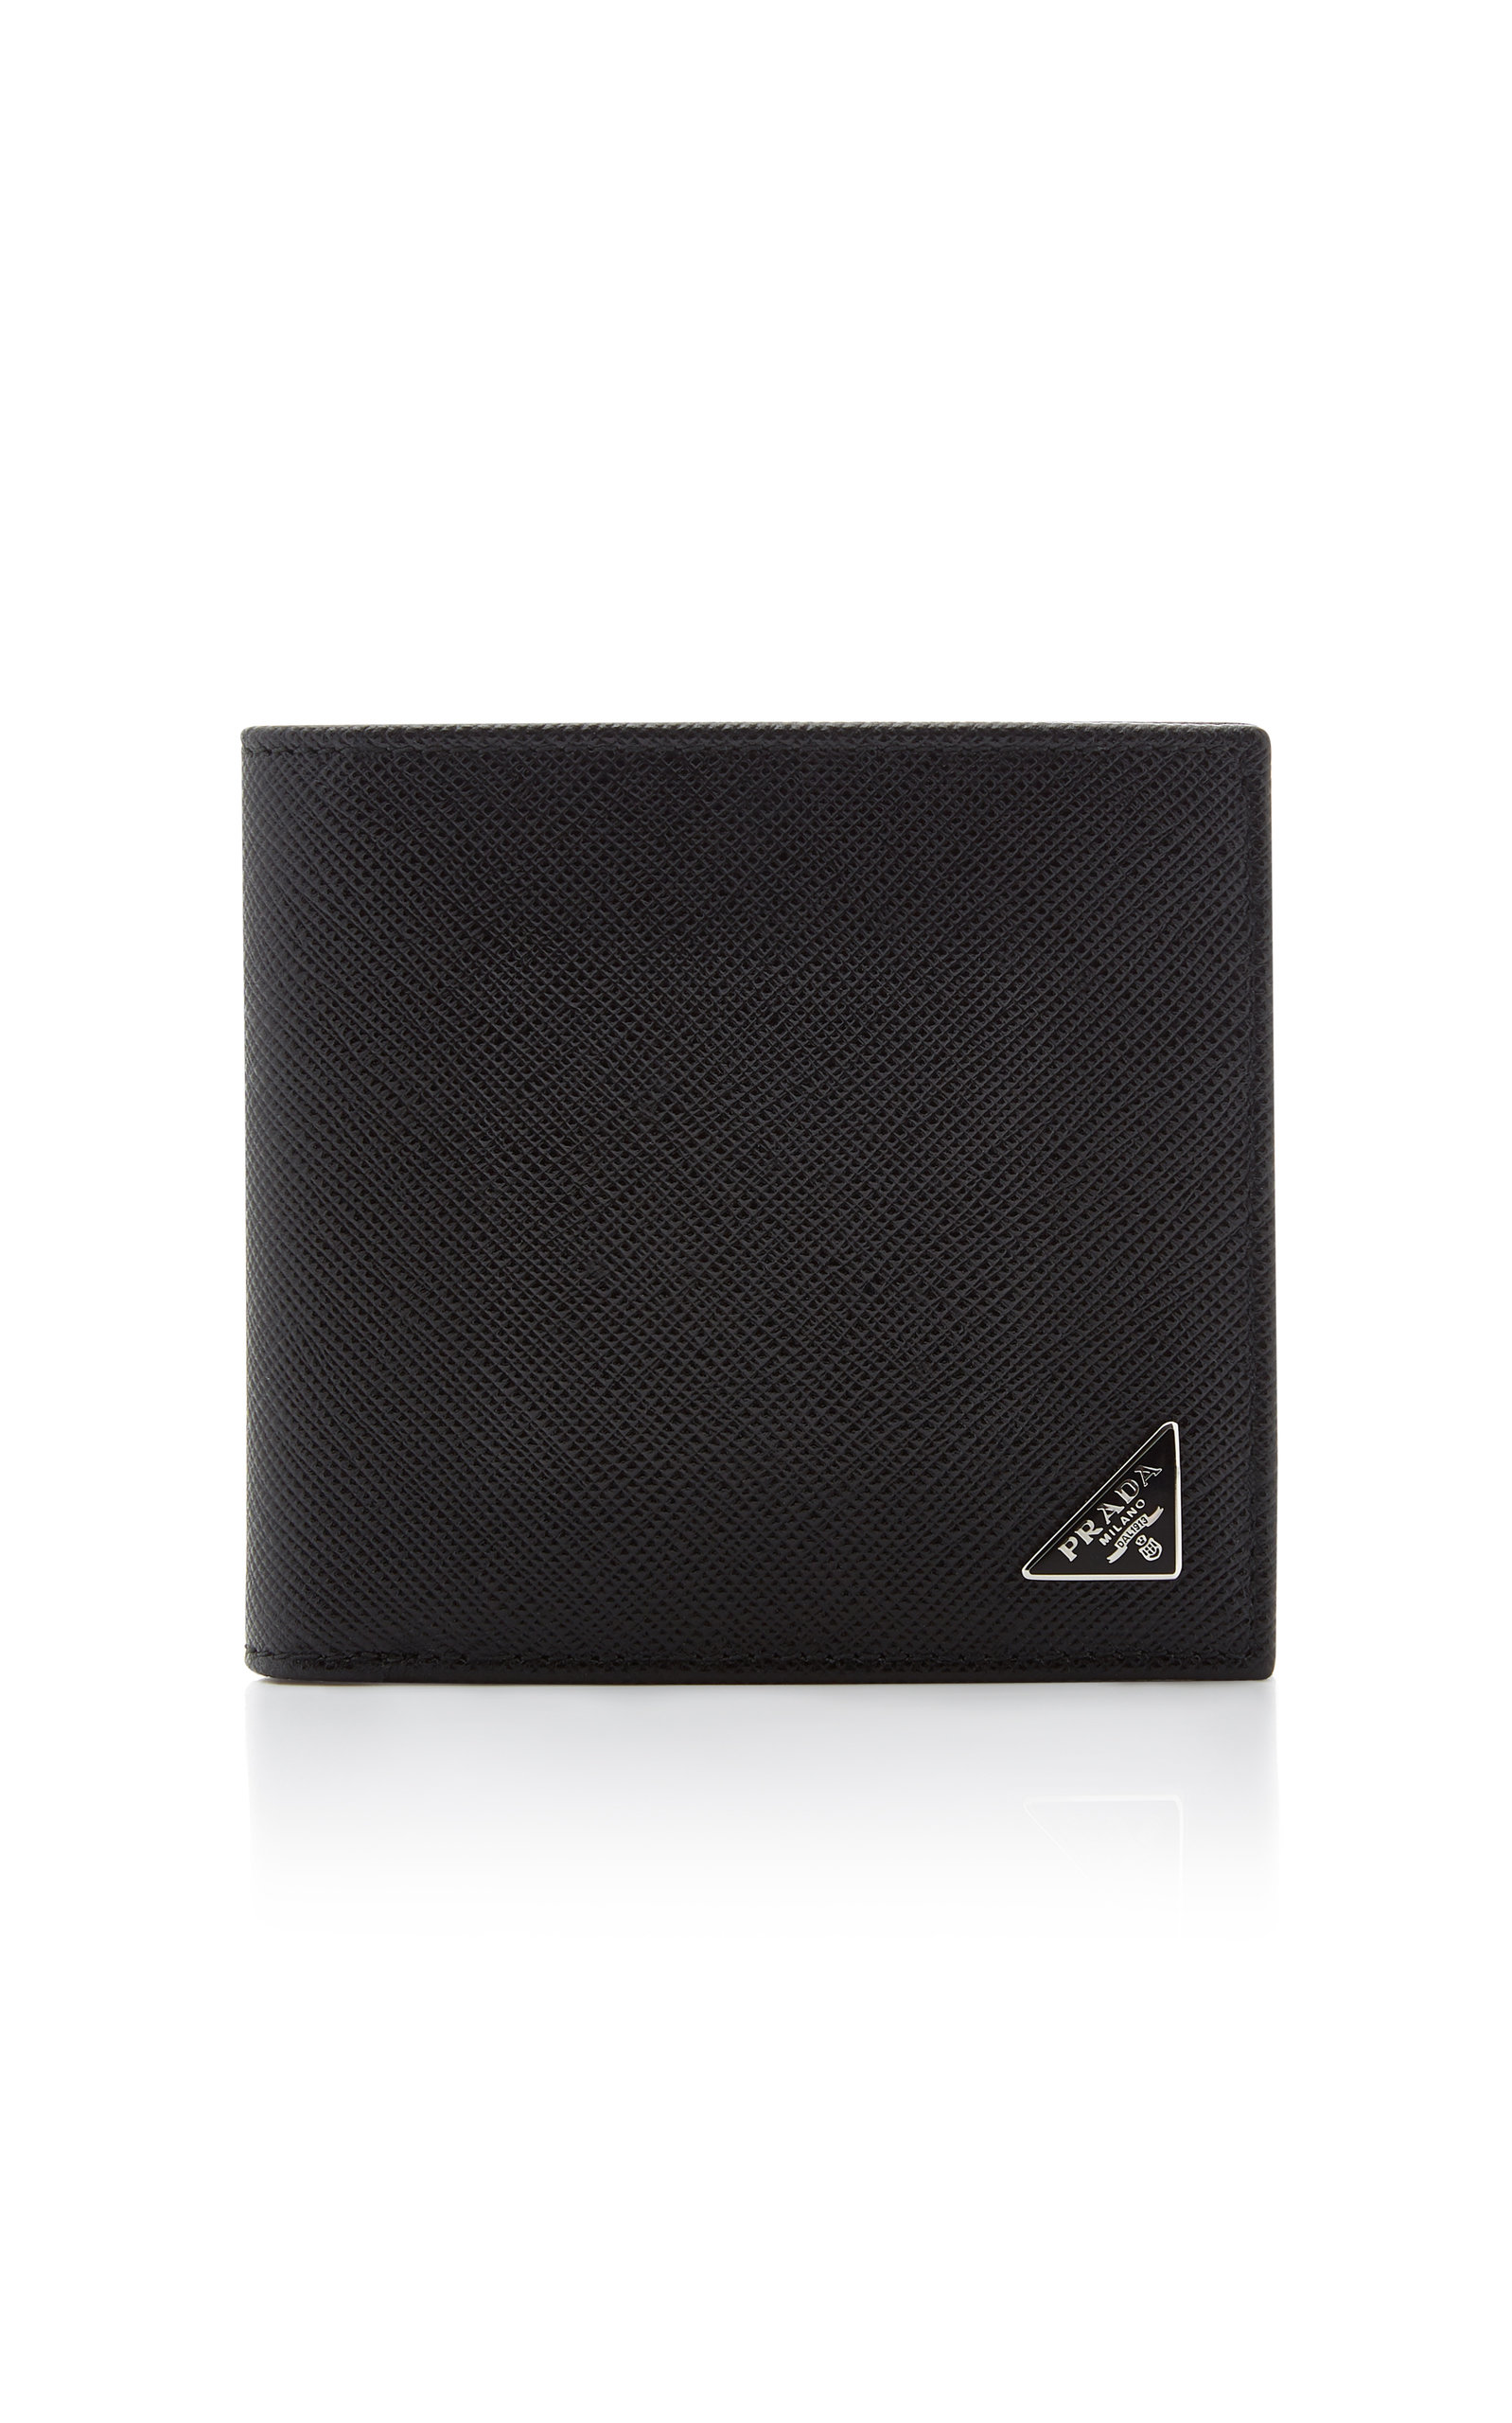 a0102b3d3805f1 Saffiano Leather 6cc Wallet by Prada | Moda Operandi